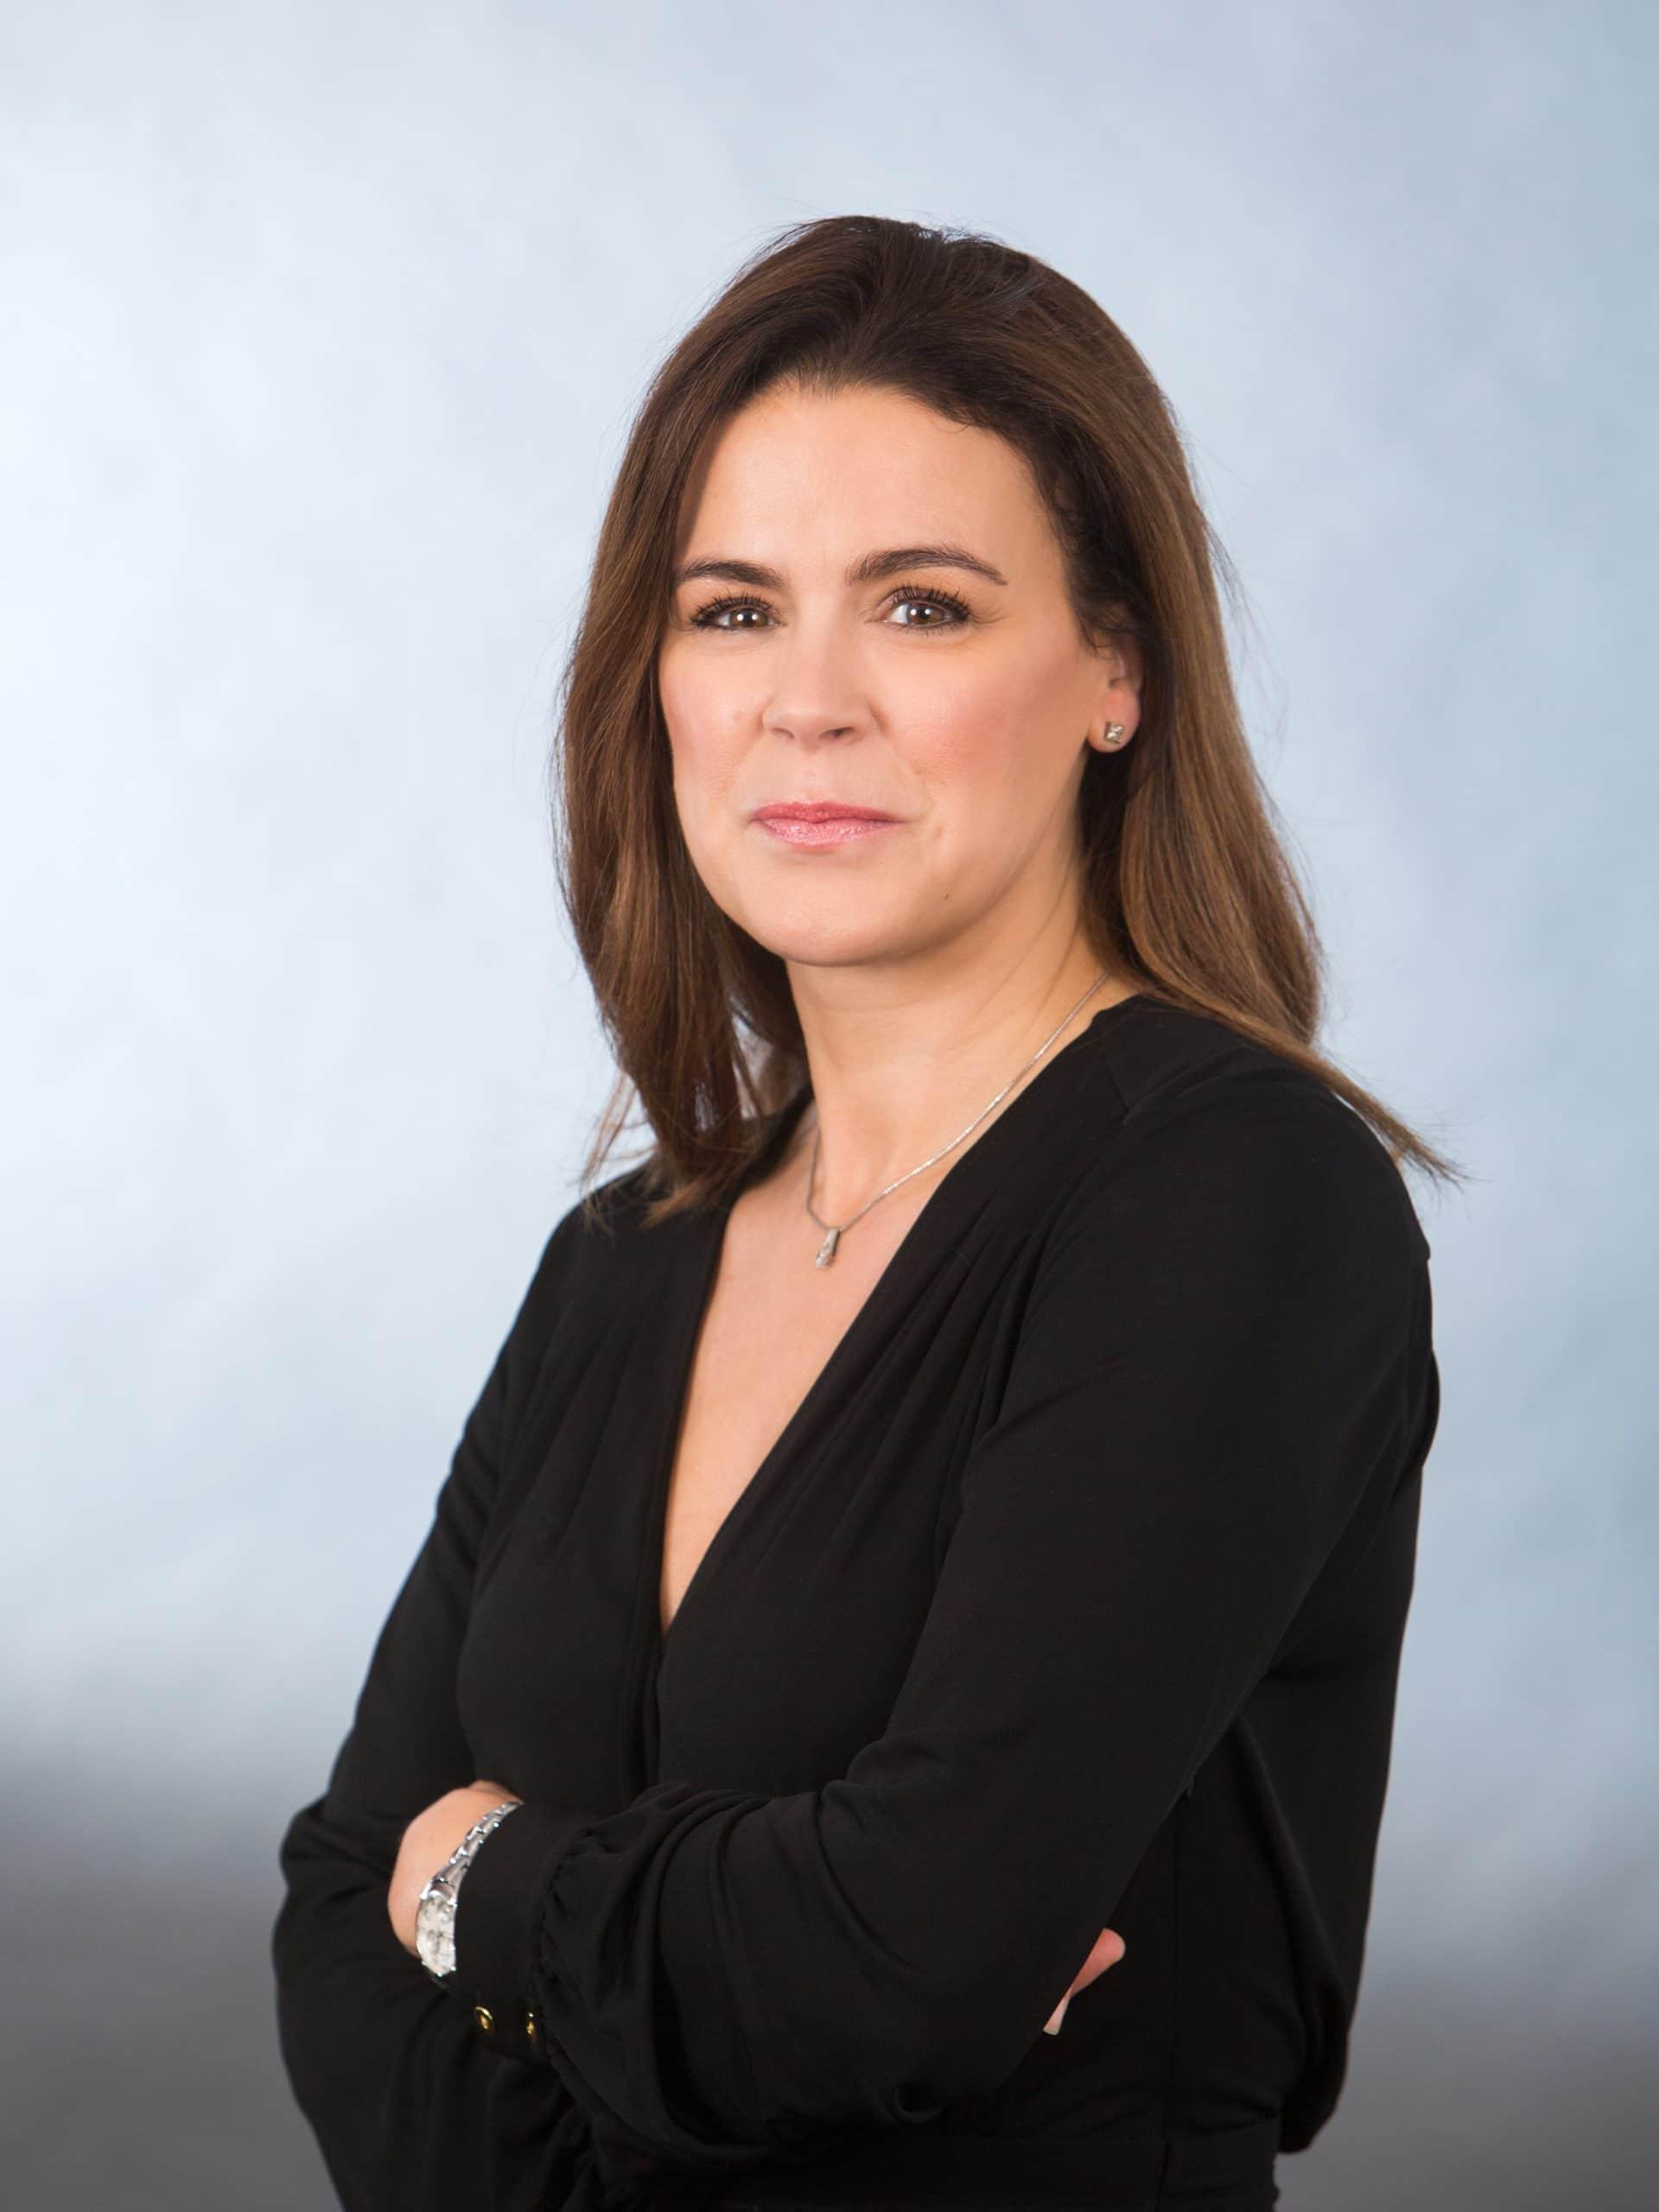 Victoria Morrison-Hughes